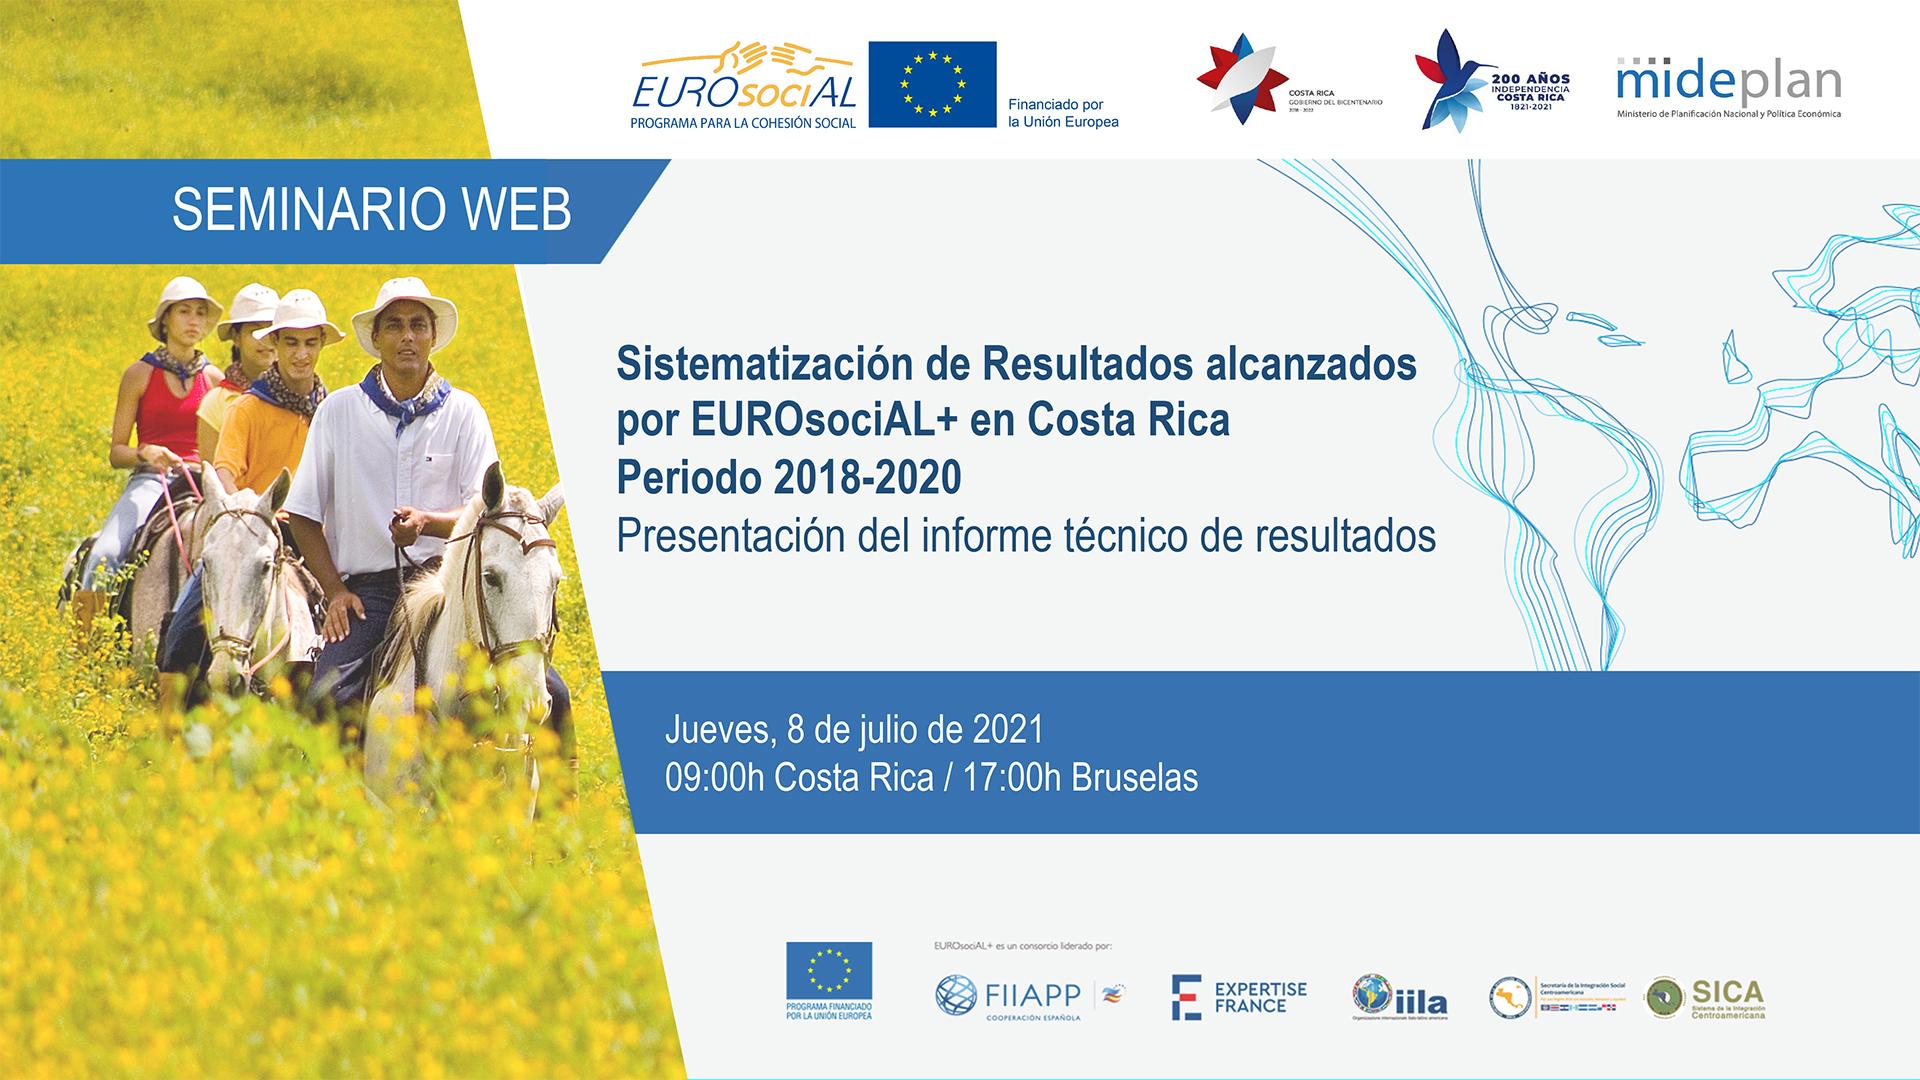 Sistematización de resultados de EUROsociAL+ en Costa Rica